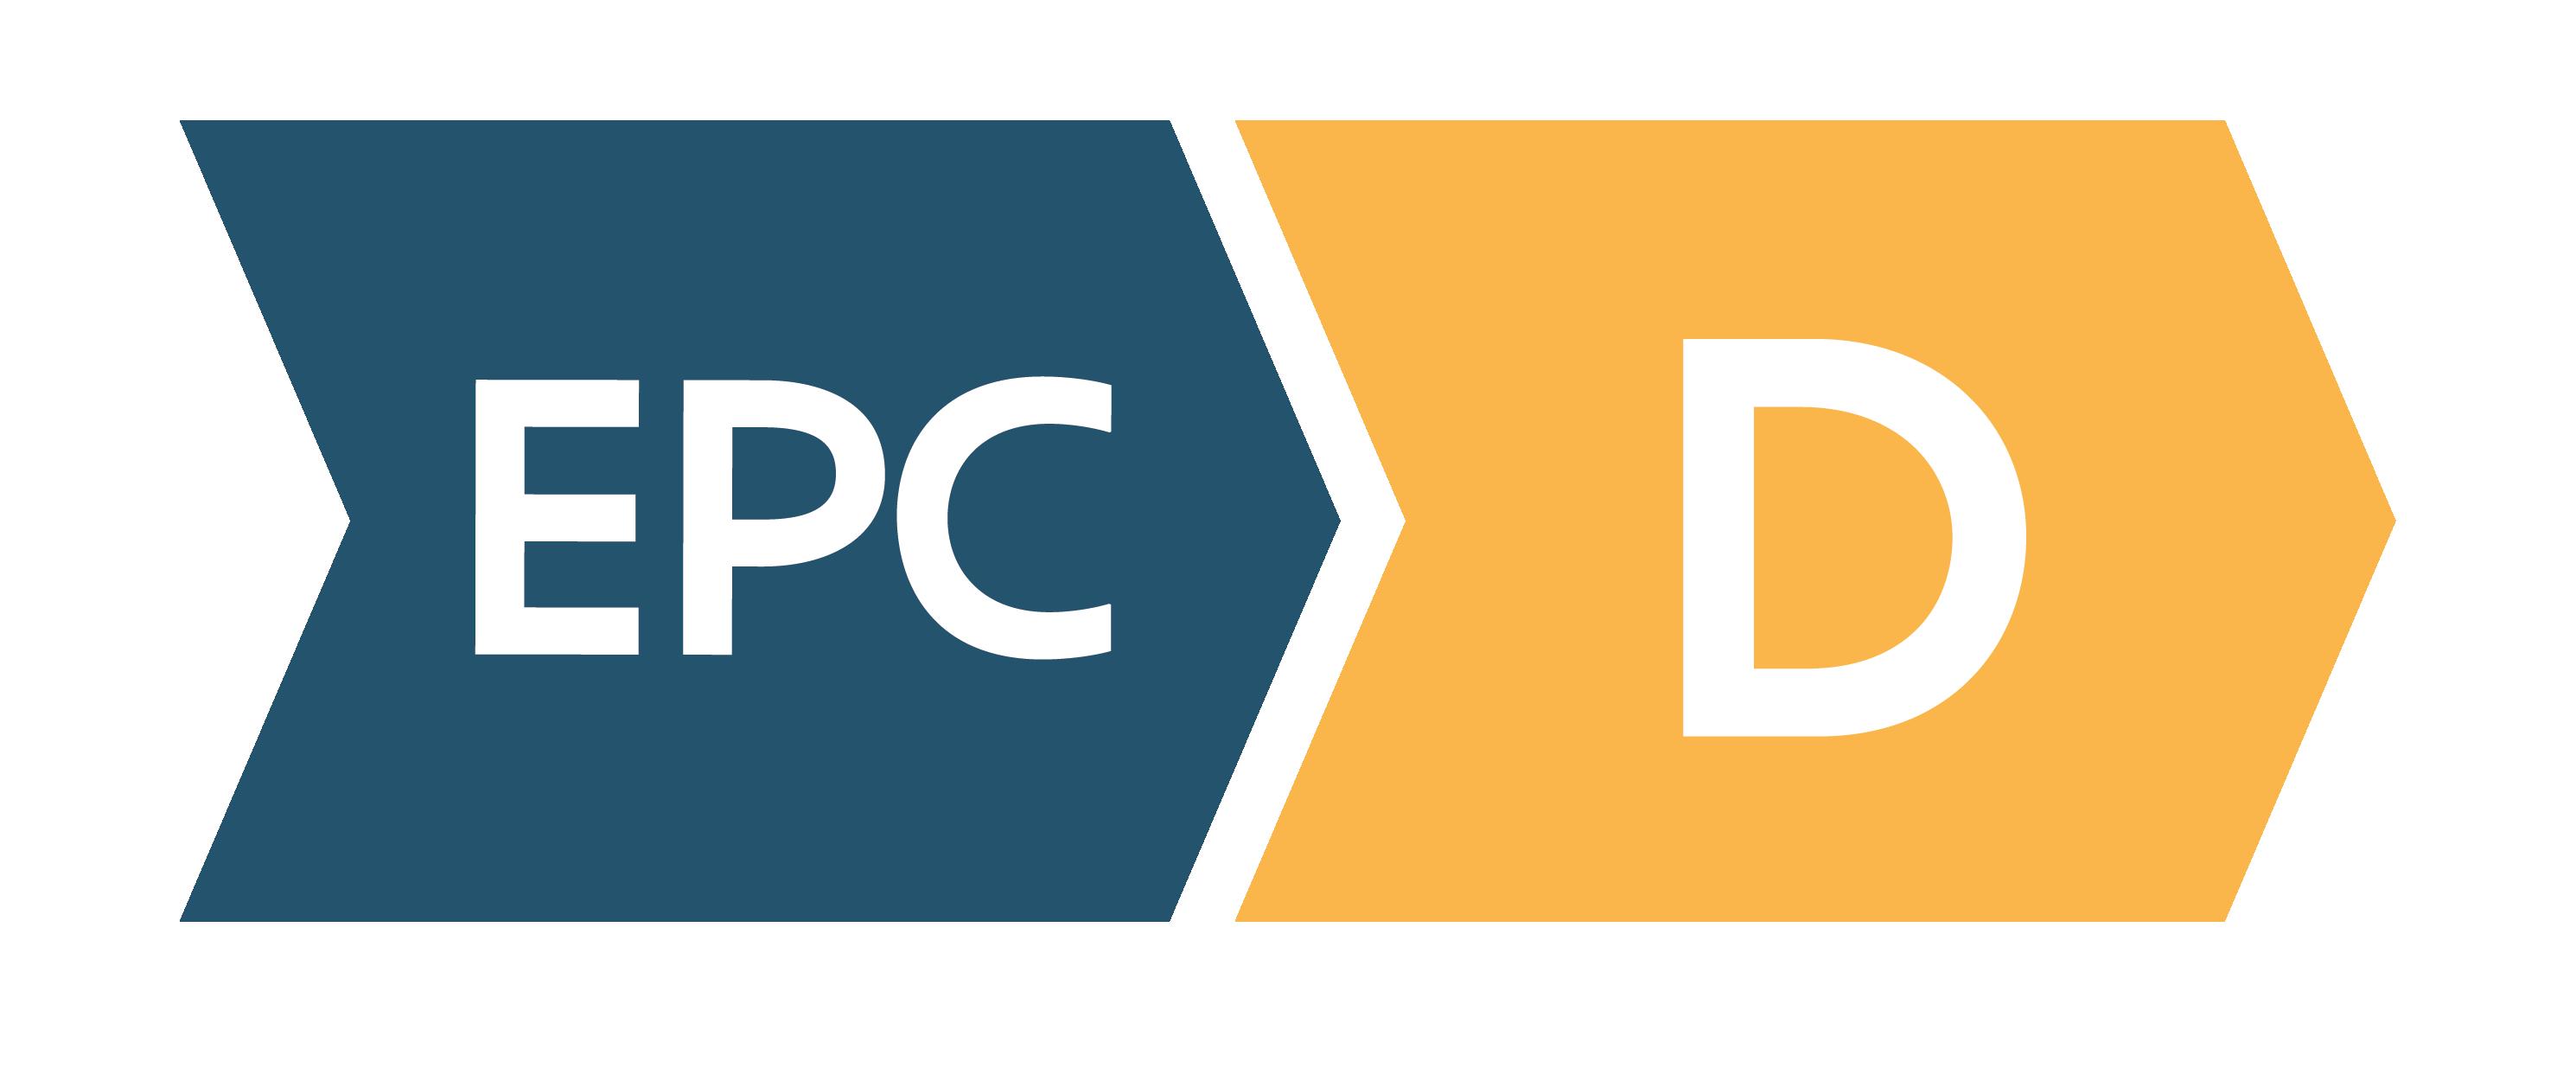 EPC D icon